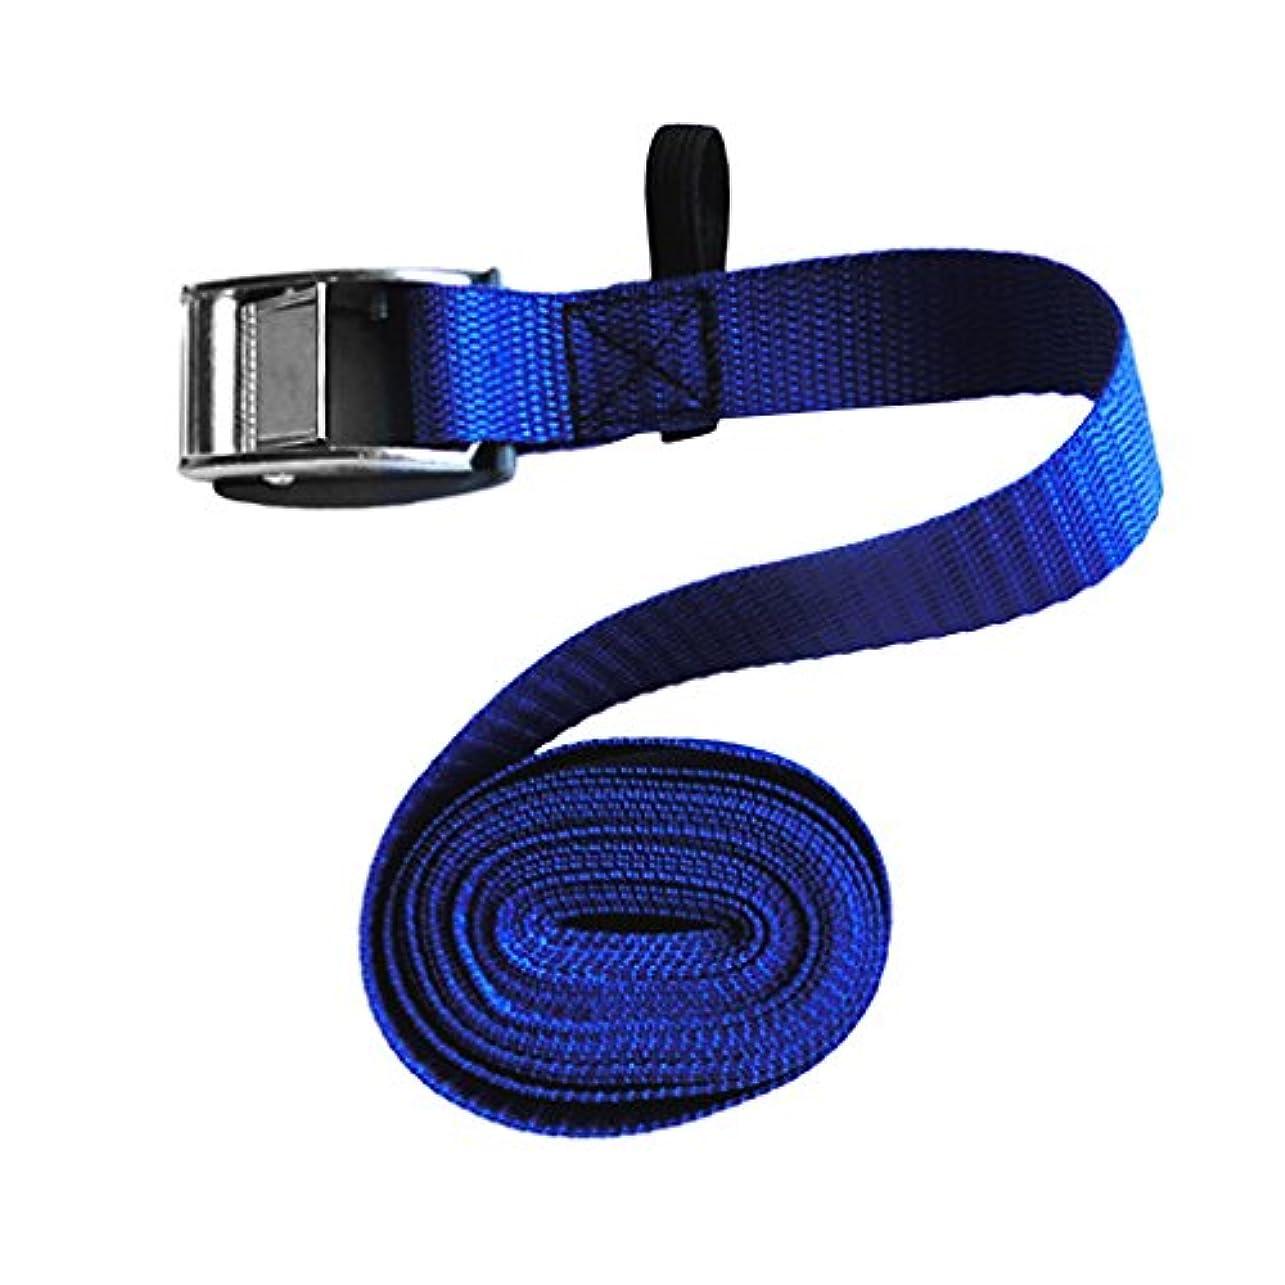 マトリックス赤字カカドゥF Fityle 亜鉛合金 カヌー サーフボード カヤック カムバックル PVC 保護カバー ストラップ ブルー 3長さ選択